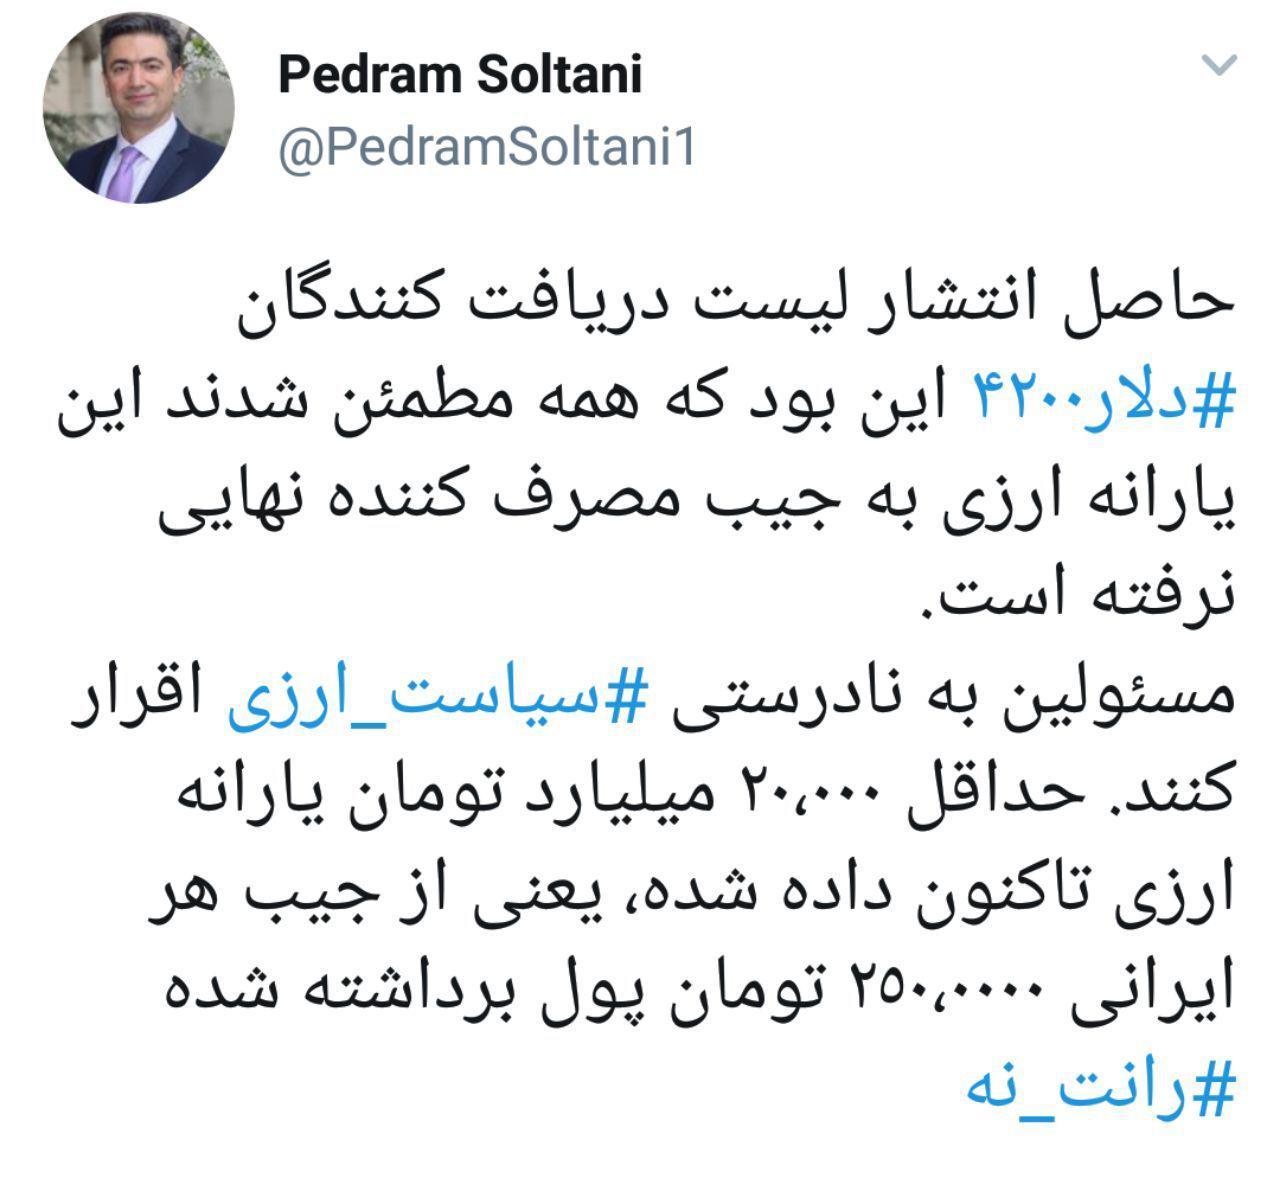 عضو اتاق بازرگانی ایران: یارانه ارزی از جیب مردم!